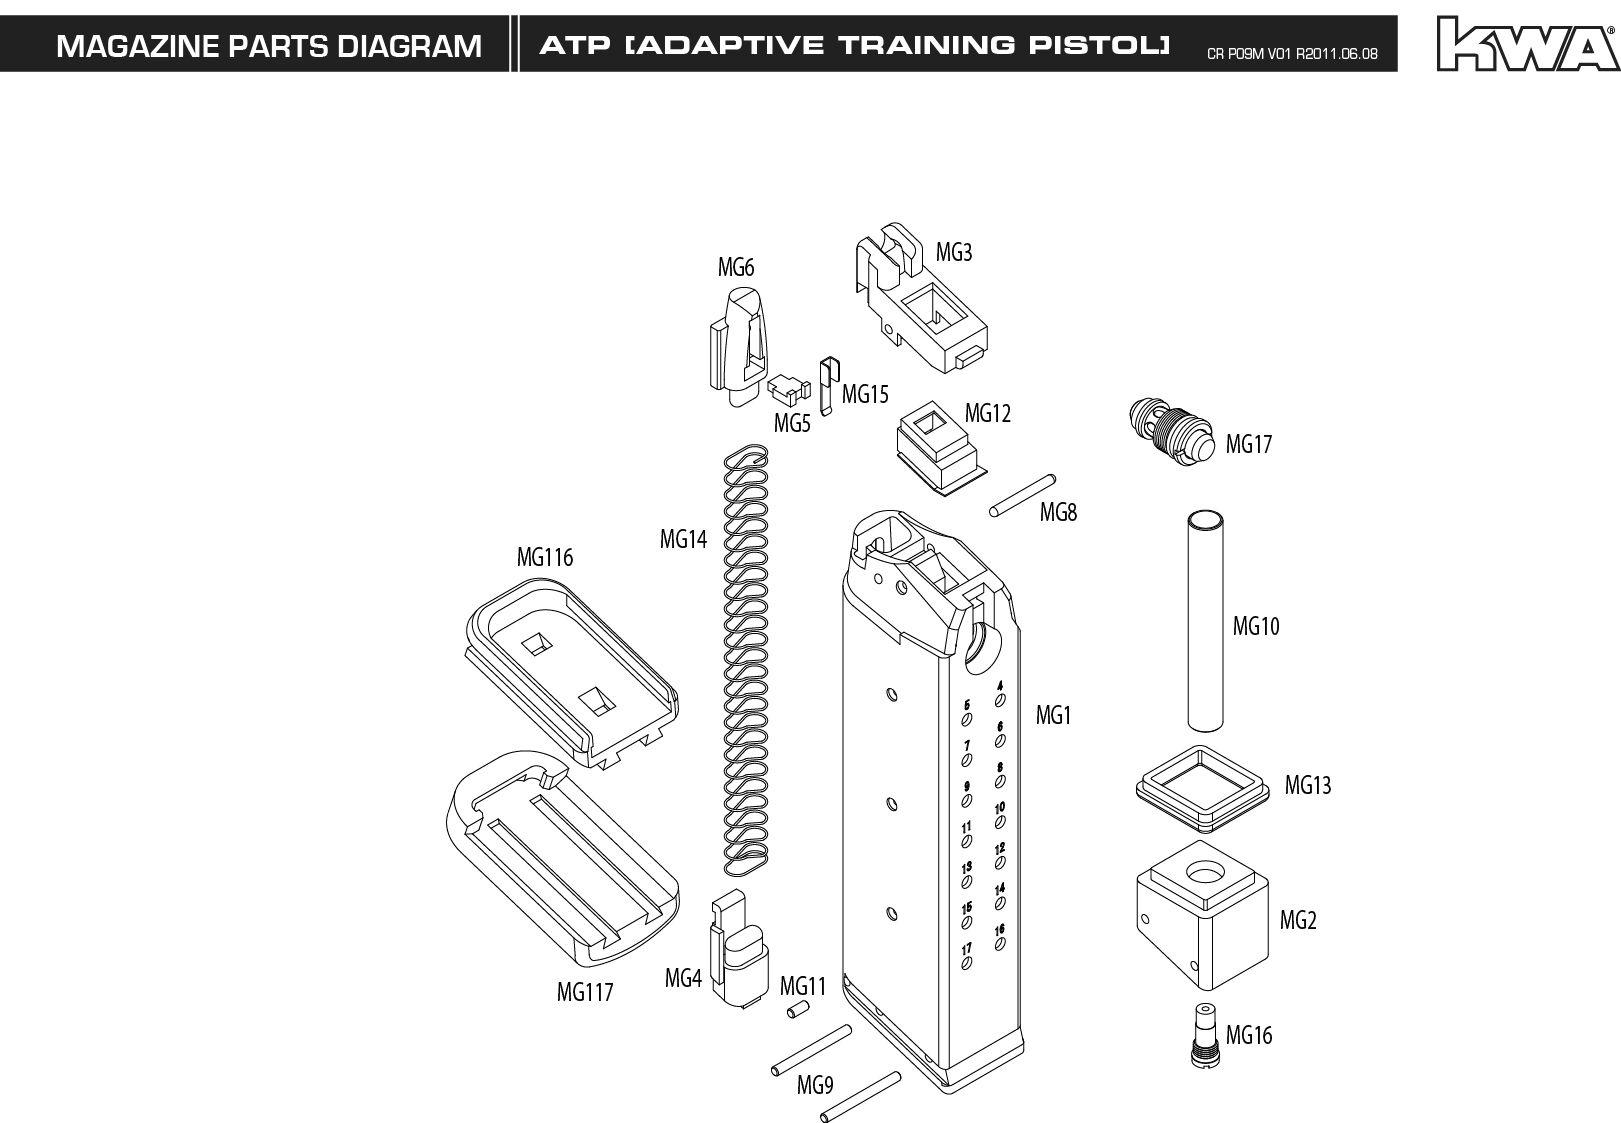 m u0026p 40 diagram